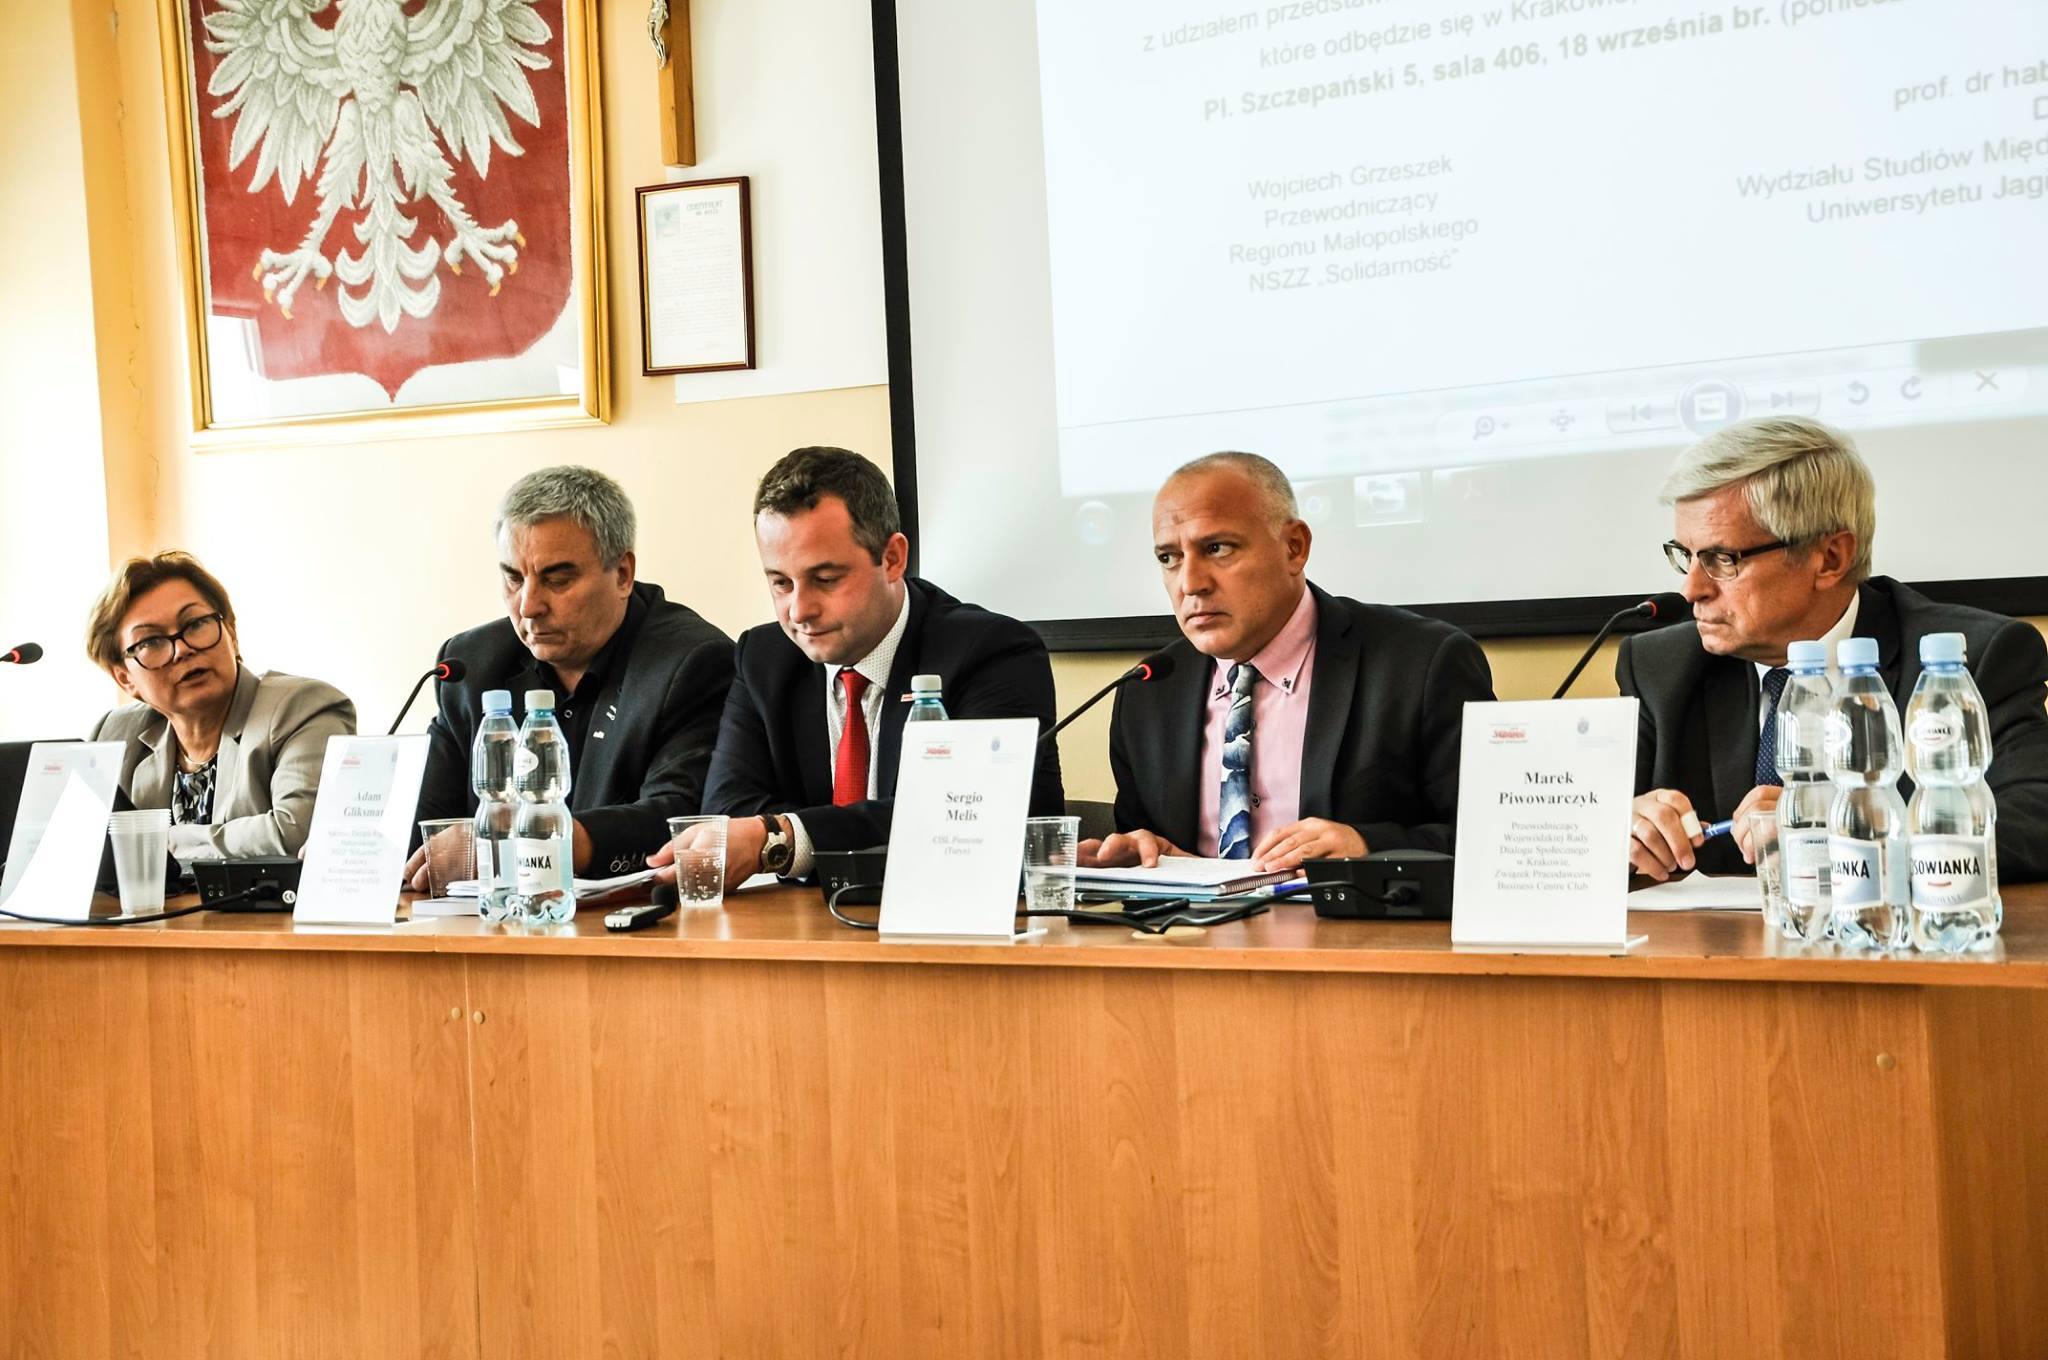 Il convegno sull'Europa a Cracovia primo piano